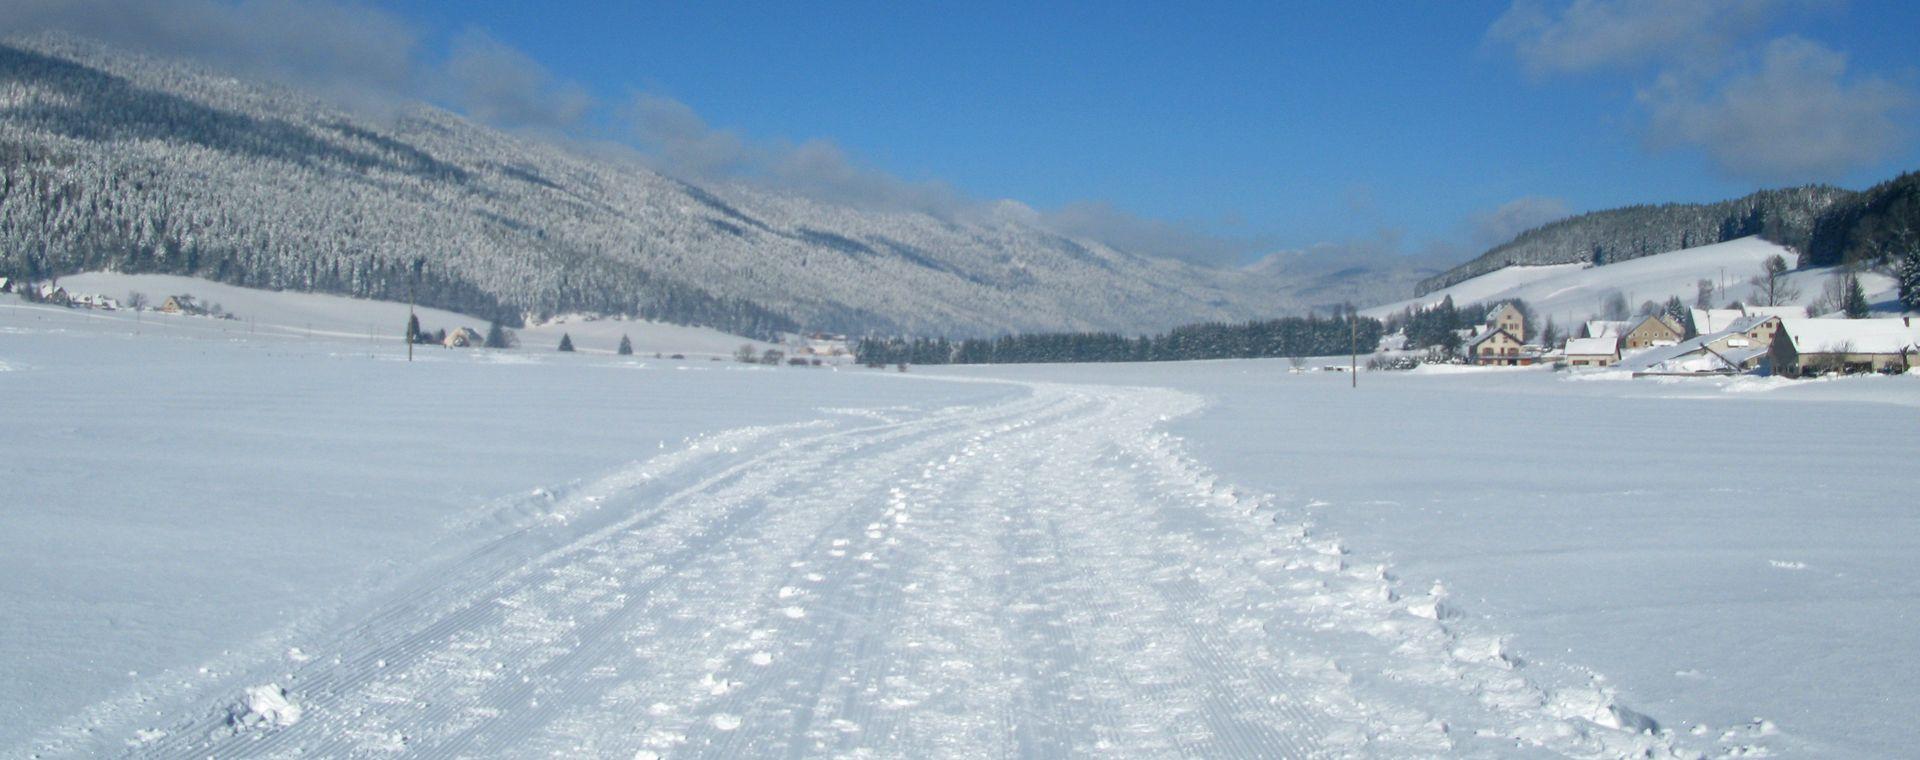 Voyage à la neige France : Ski de fond à Autrans-Méaudre en Vercors